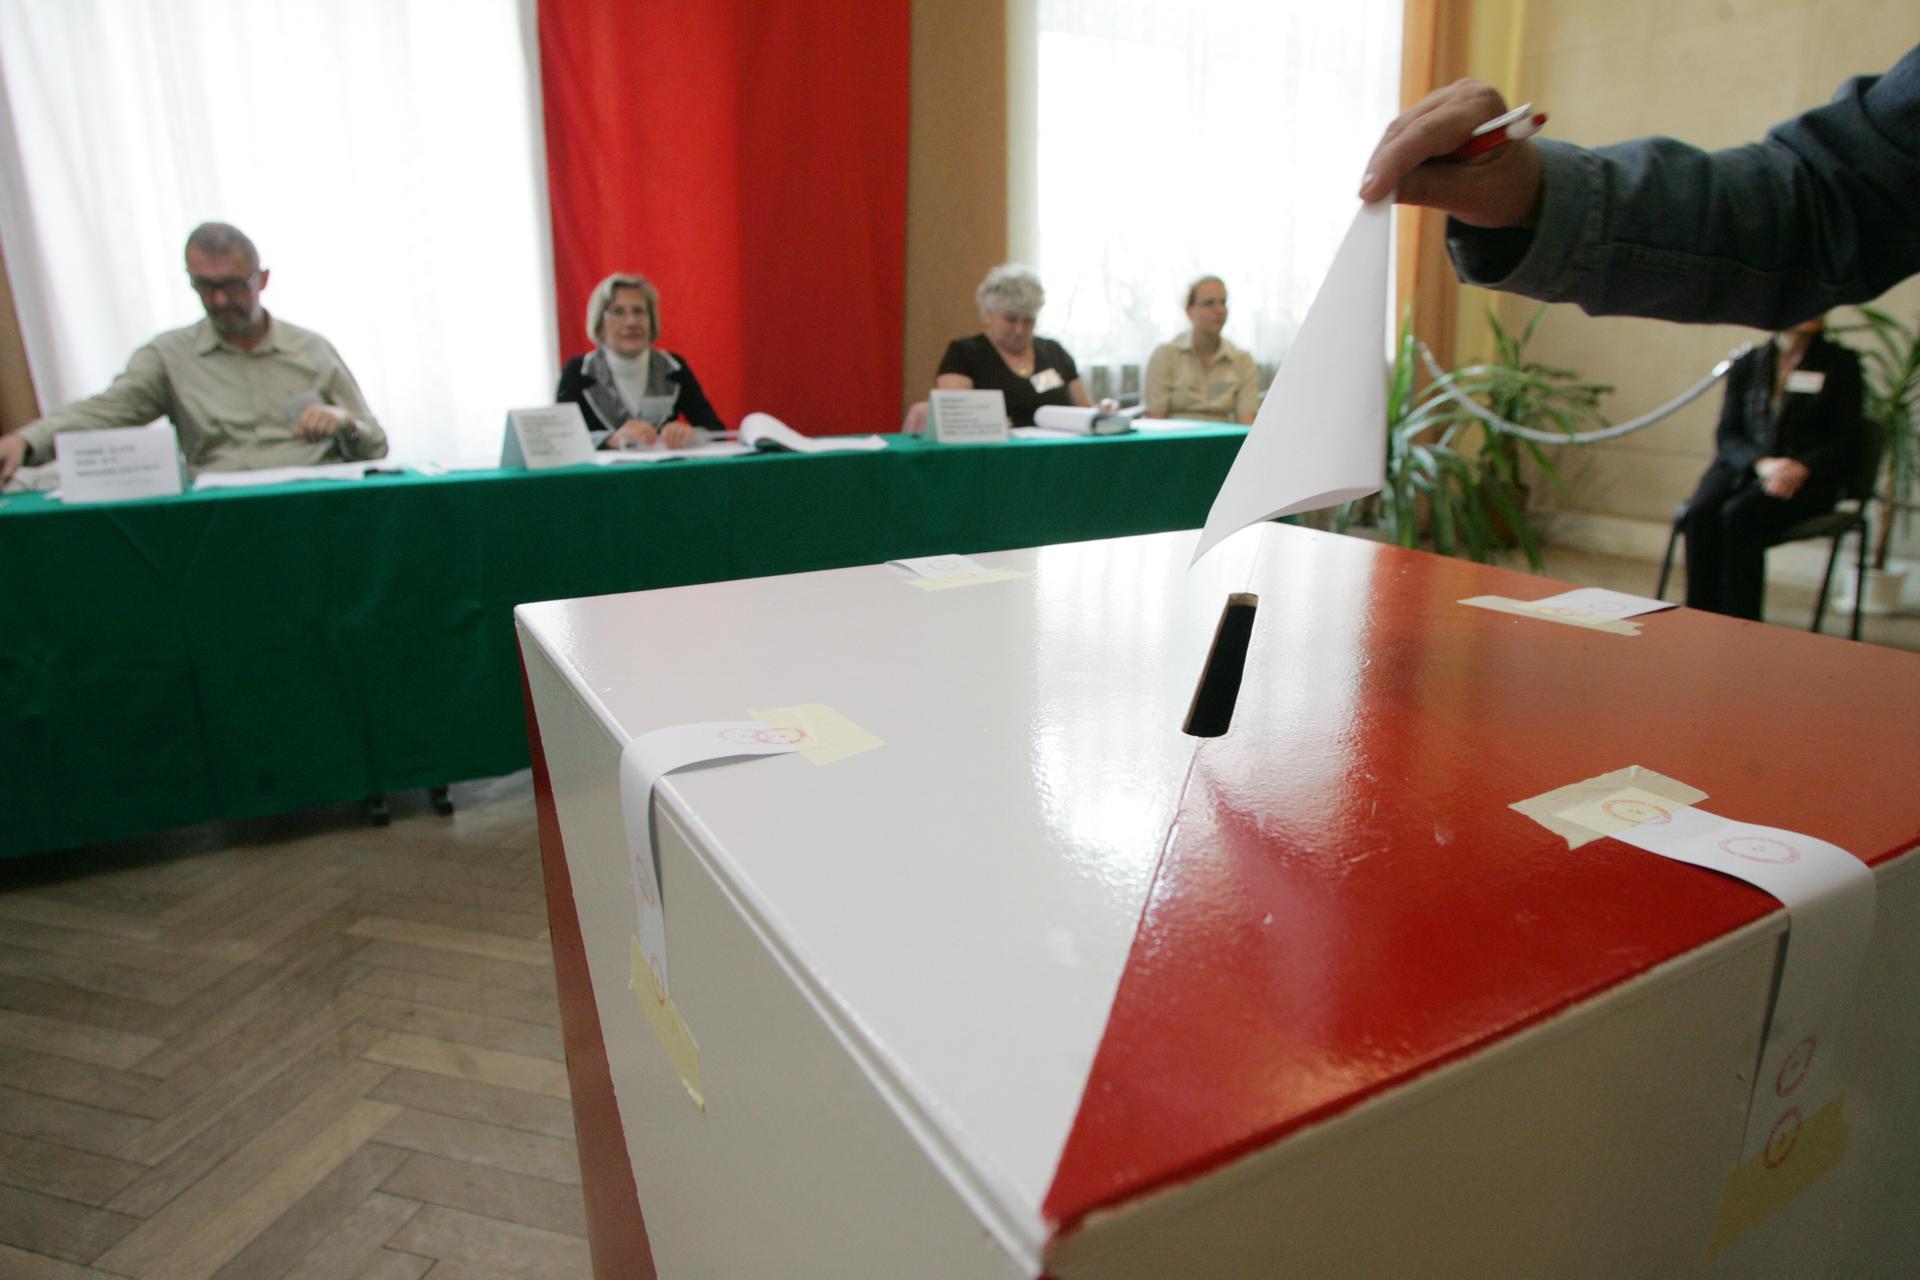 Wybory prezydenckie 2020. Głosowanie korespondencyjne w Polsce. Dziś ostatni dzień zgłoszeń [RELACJA NA ŻYWO] - Super Express